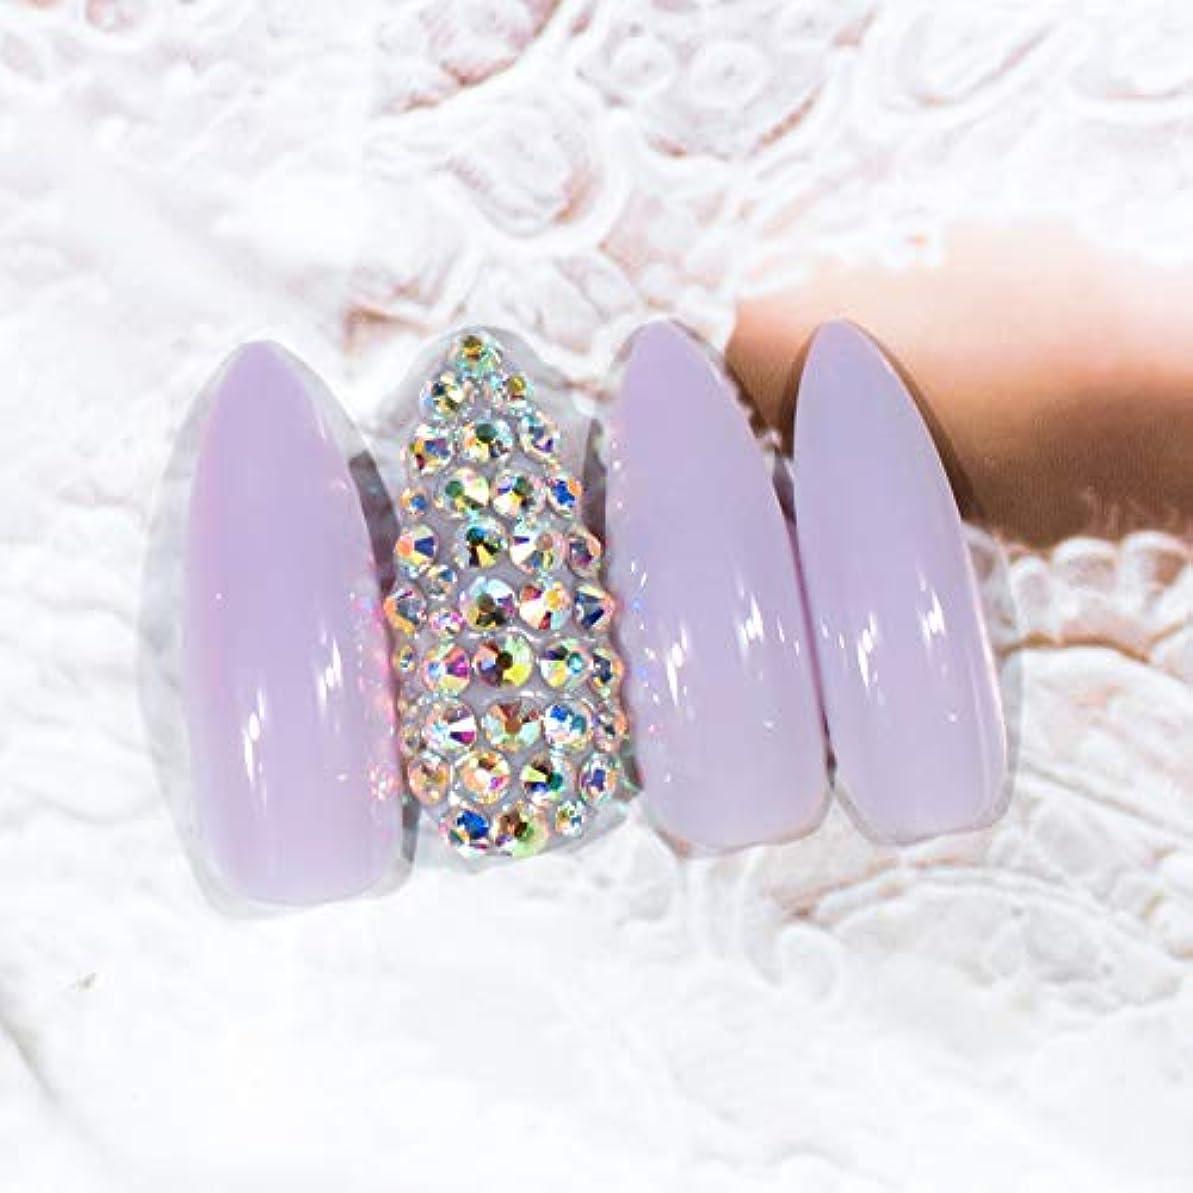 関係韓国サーマルXUTXZKA 偽の爪の上のわずかな紫色の小剣の爪偽のネイルヴェール長い光沢のあるプレス